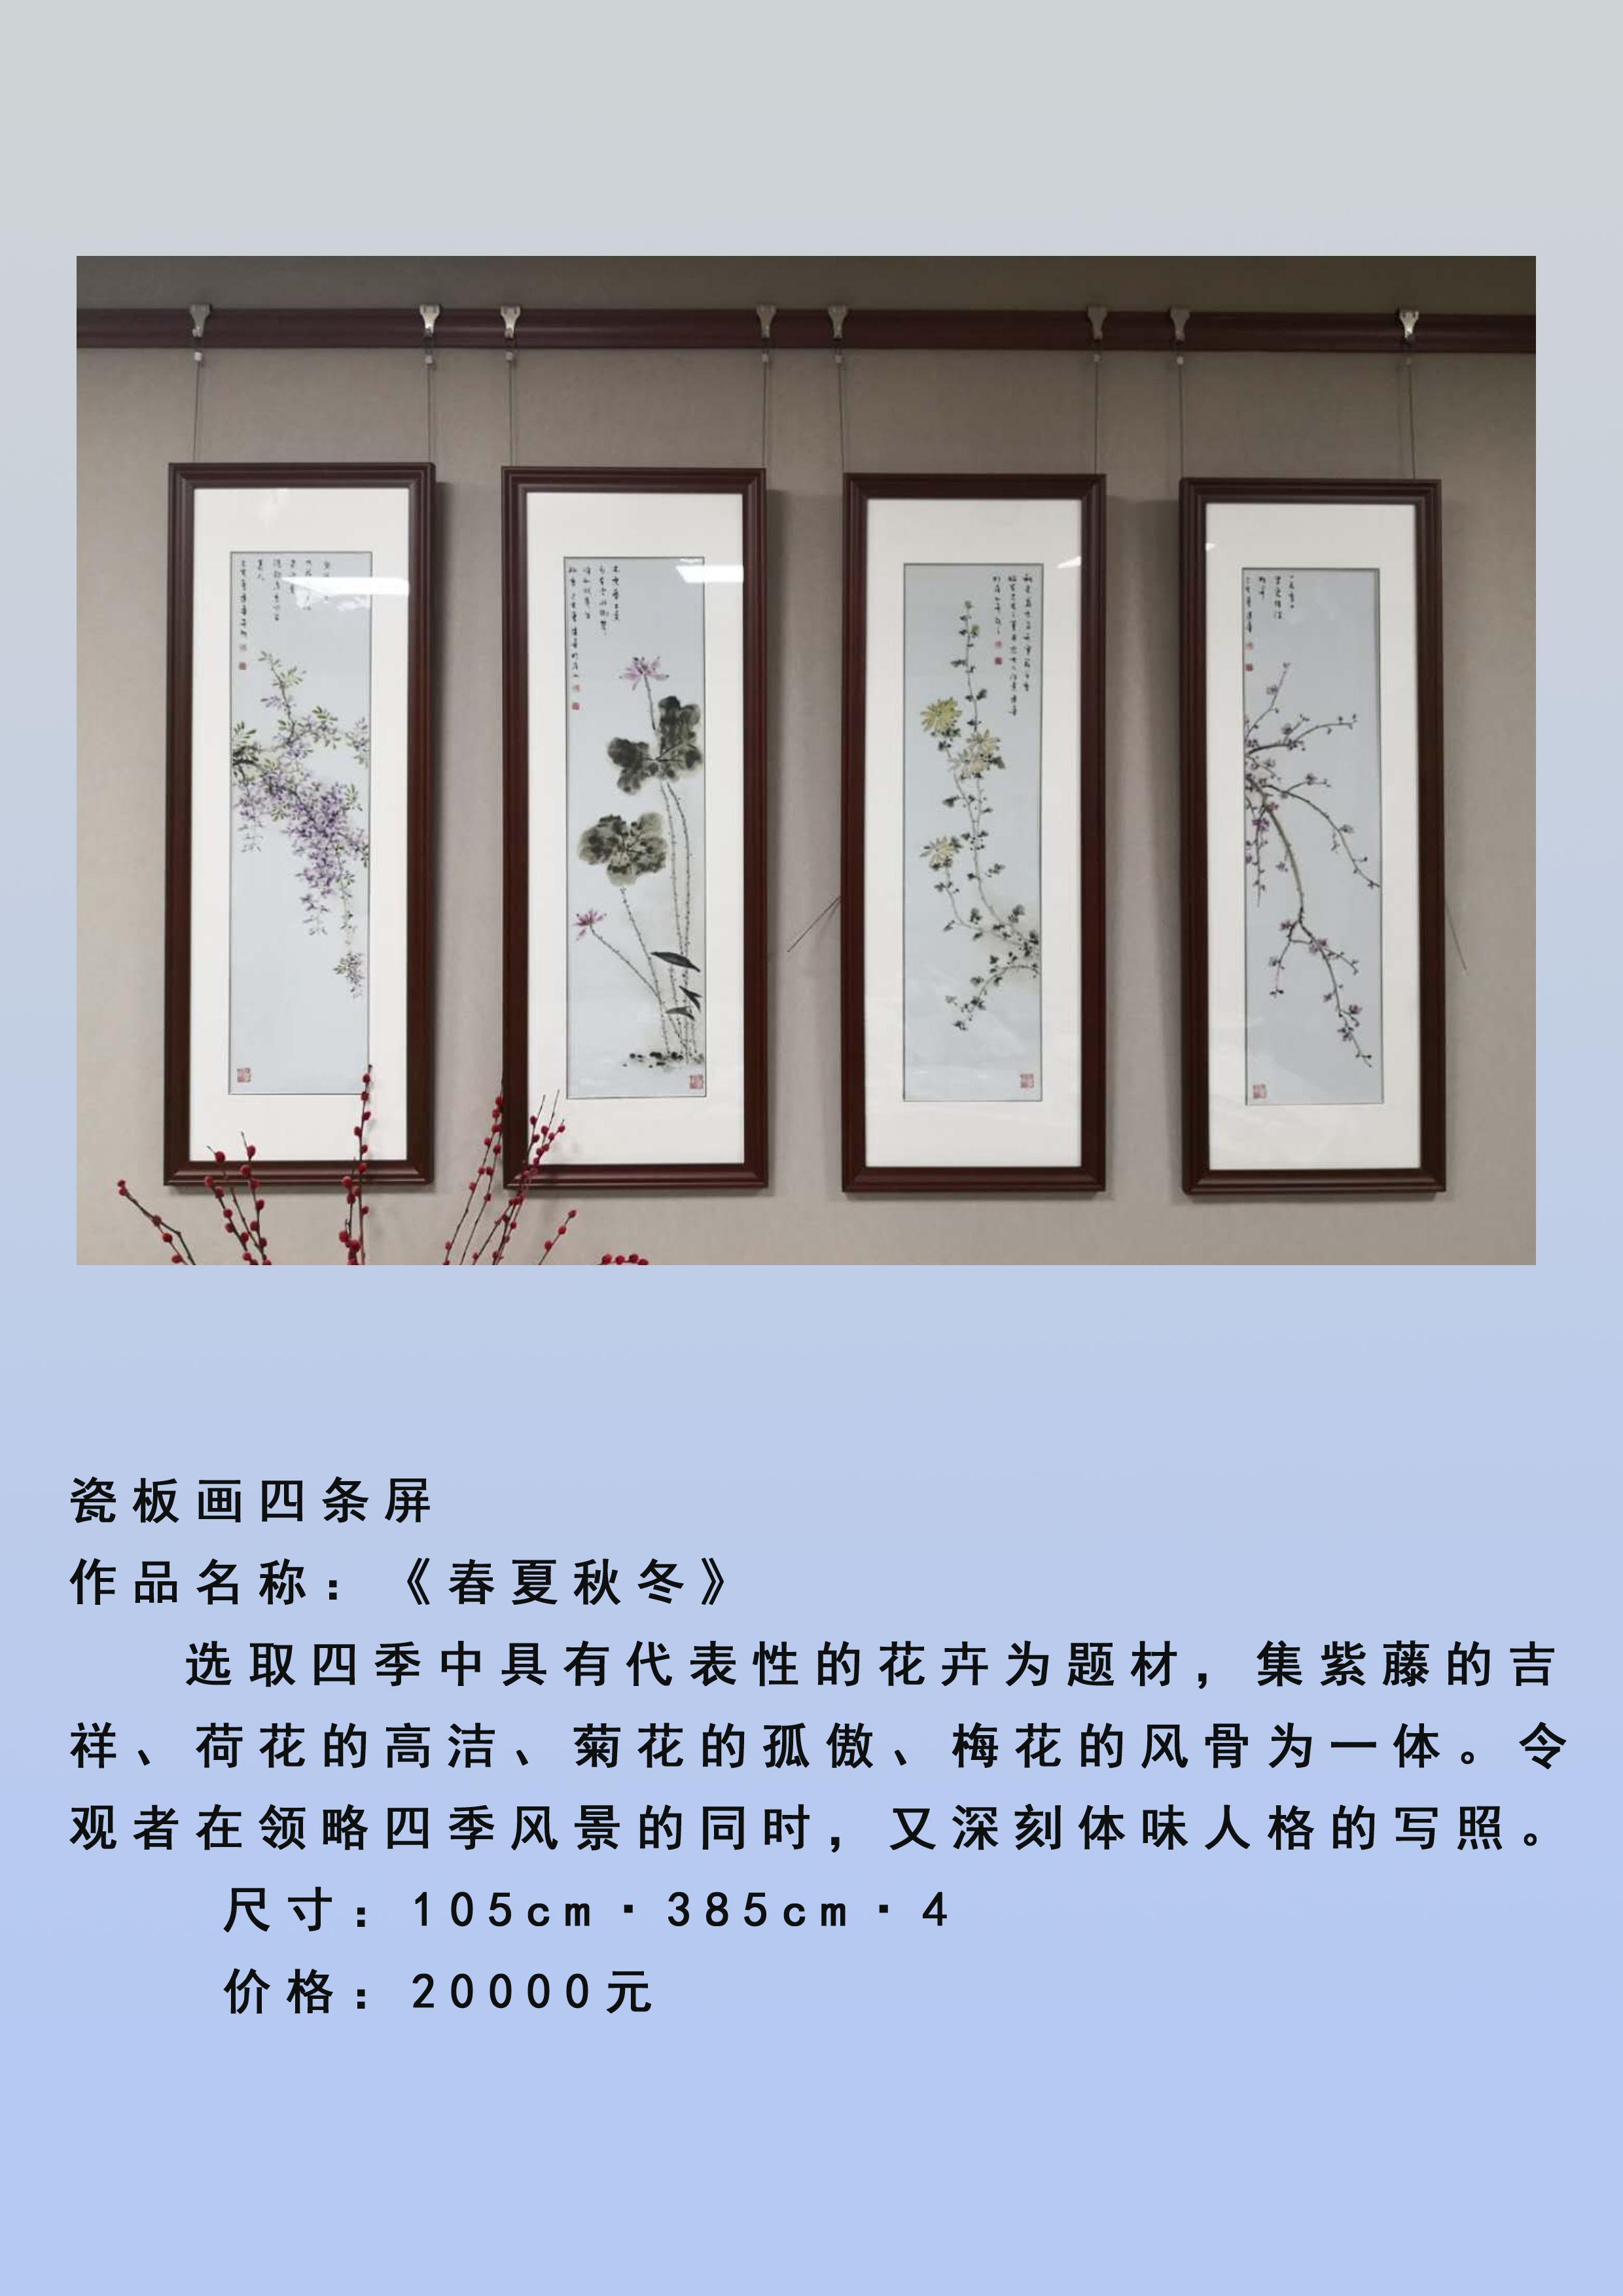 瓷板画四条屏